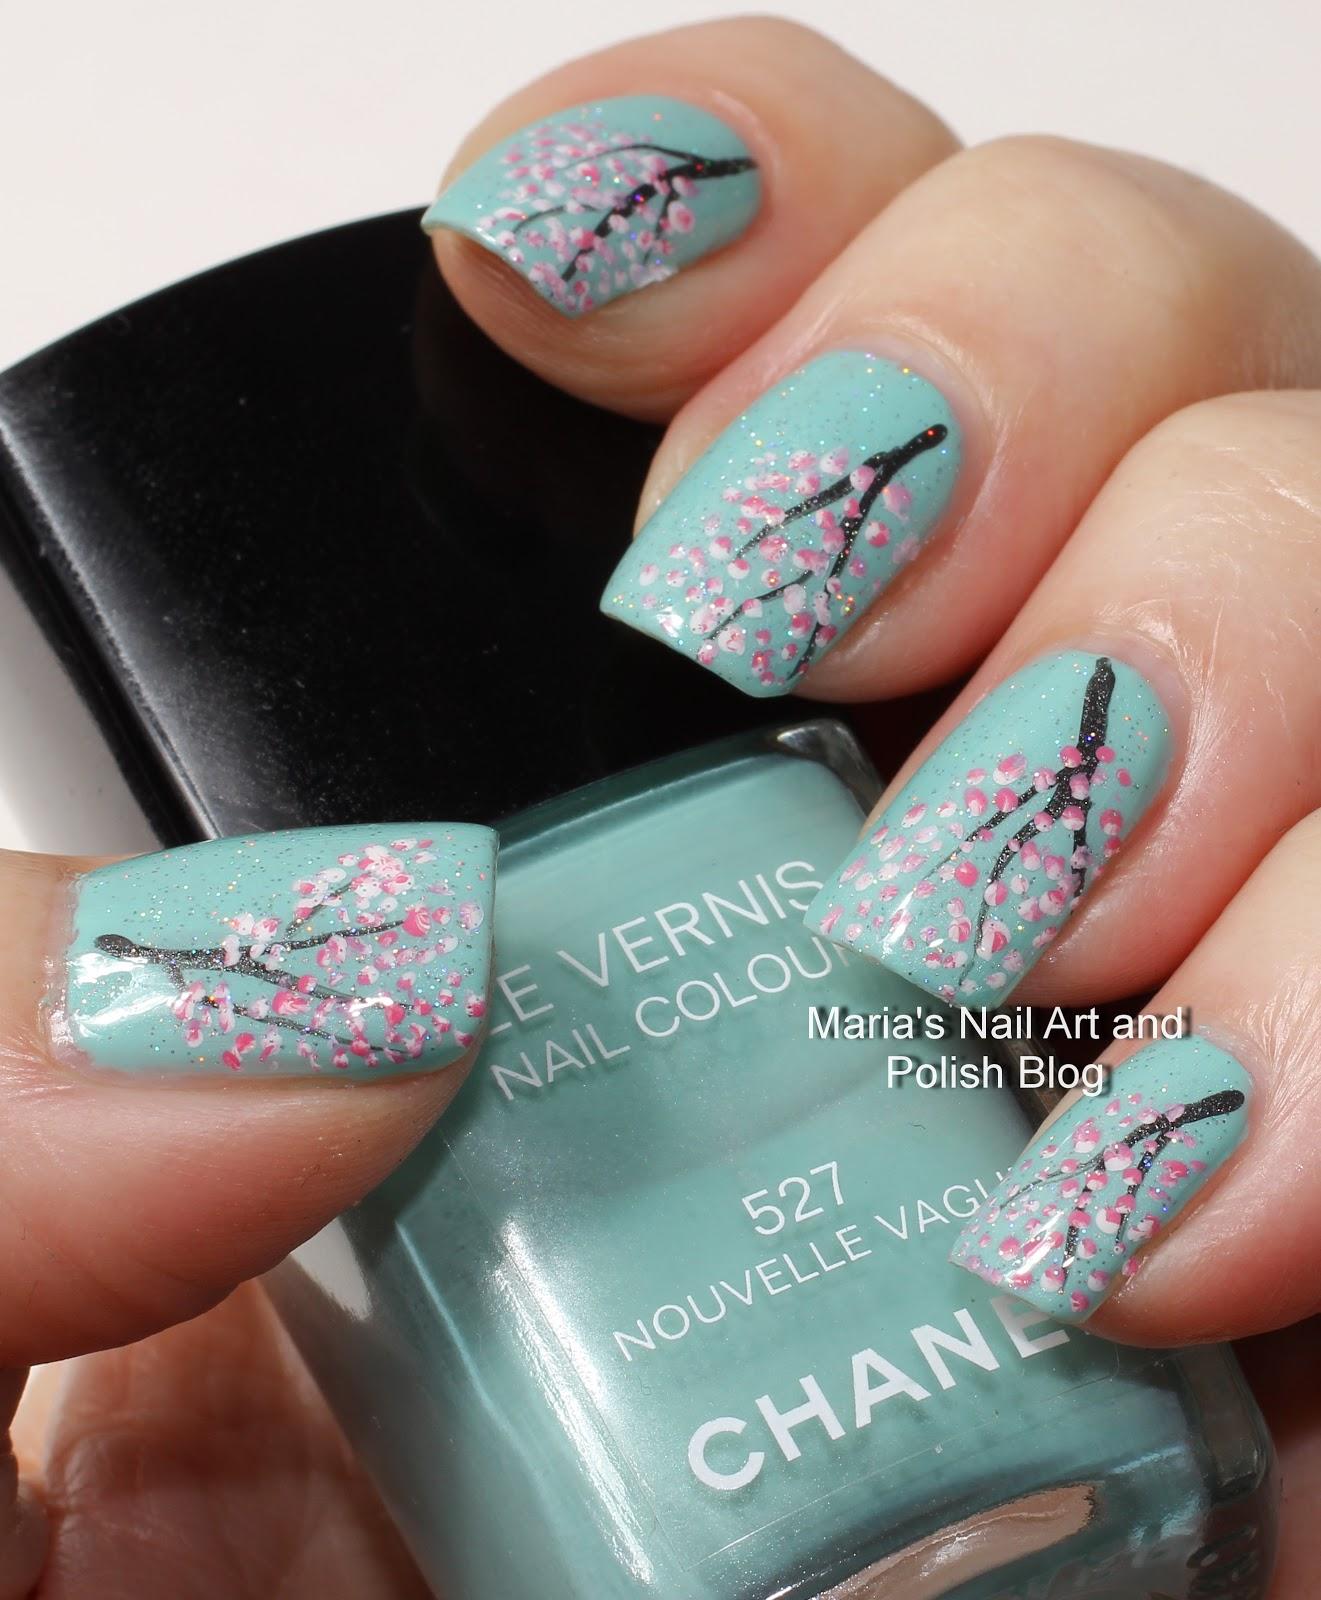 Nailzini A Nail Art Blog: Marias Nail Art And Polish Blog: Cherry Blossom Nail Art